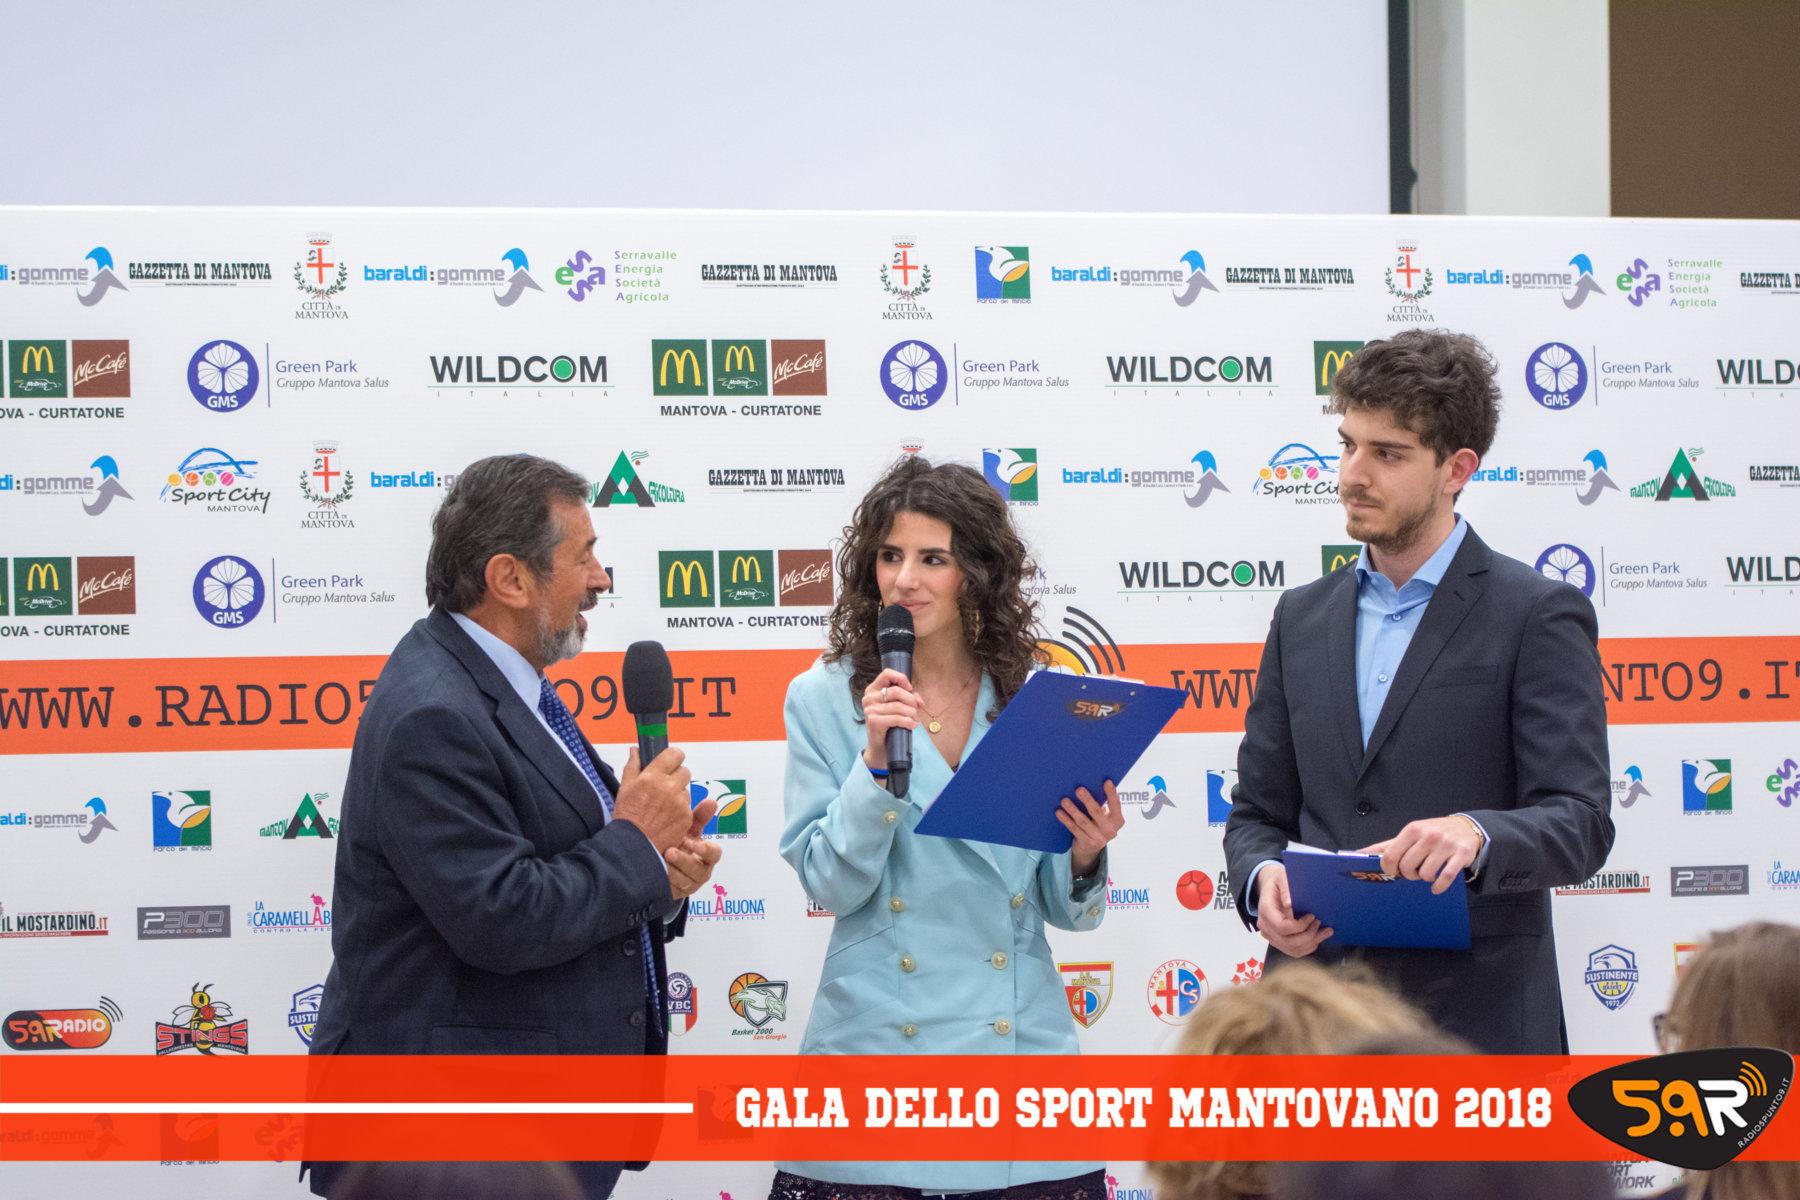 Gala dello Sport Mantovano 2018 Web Radio 5 (70)